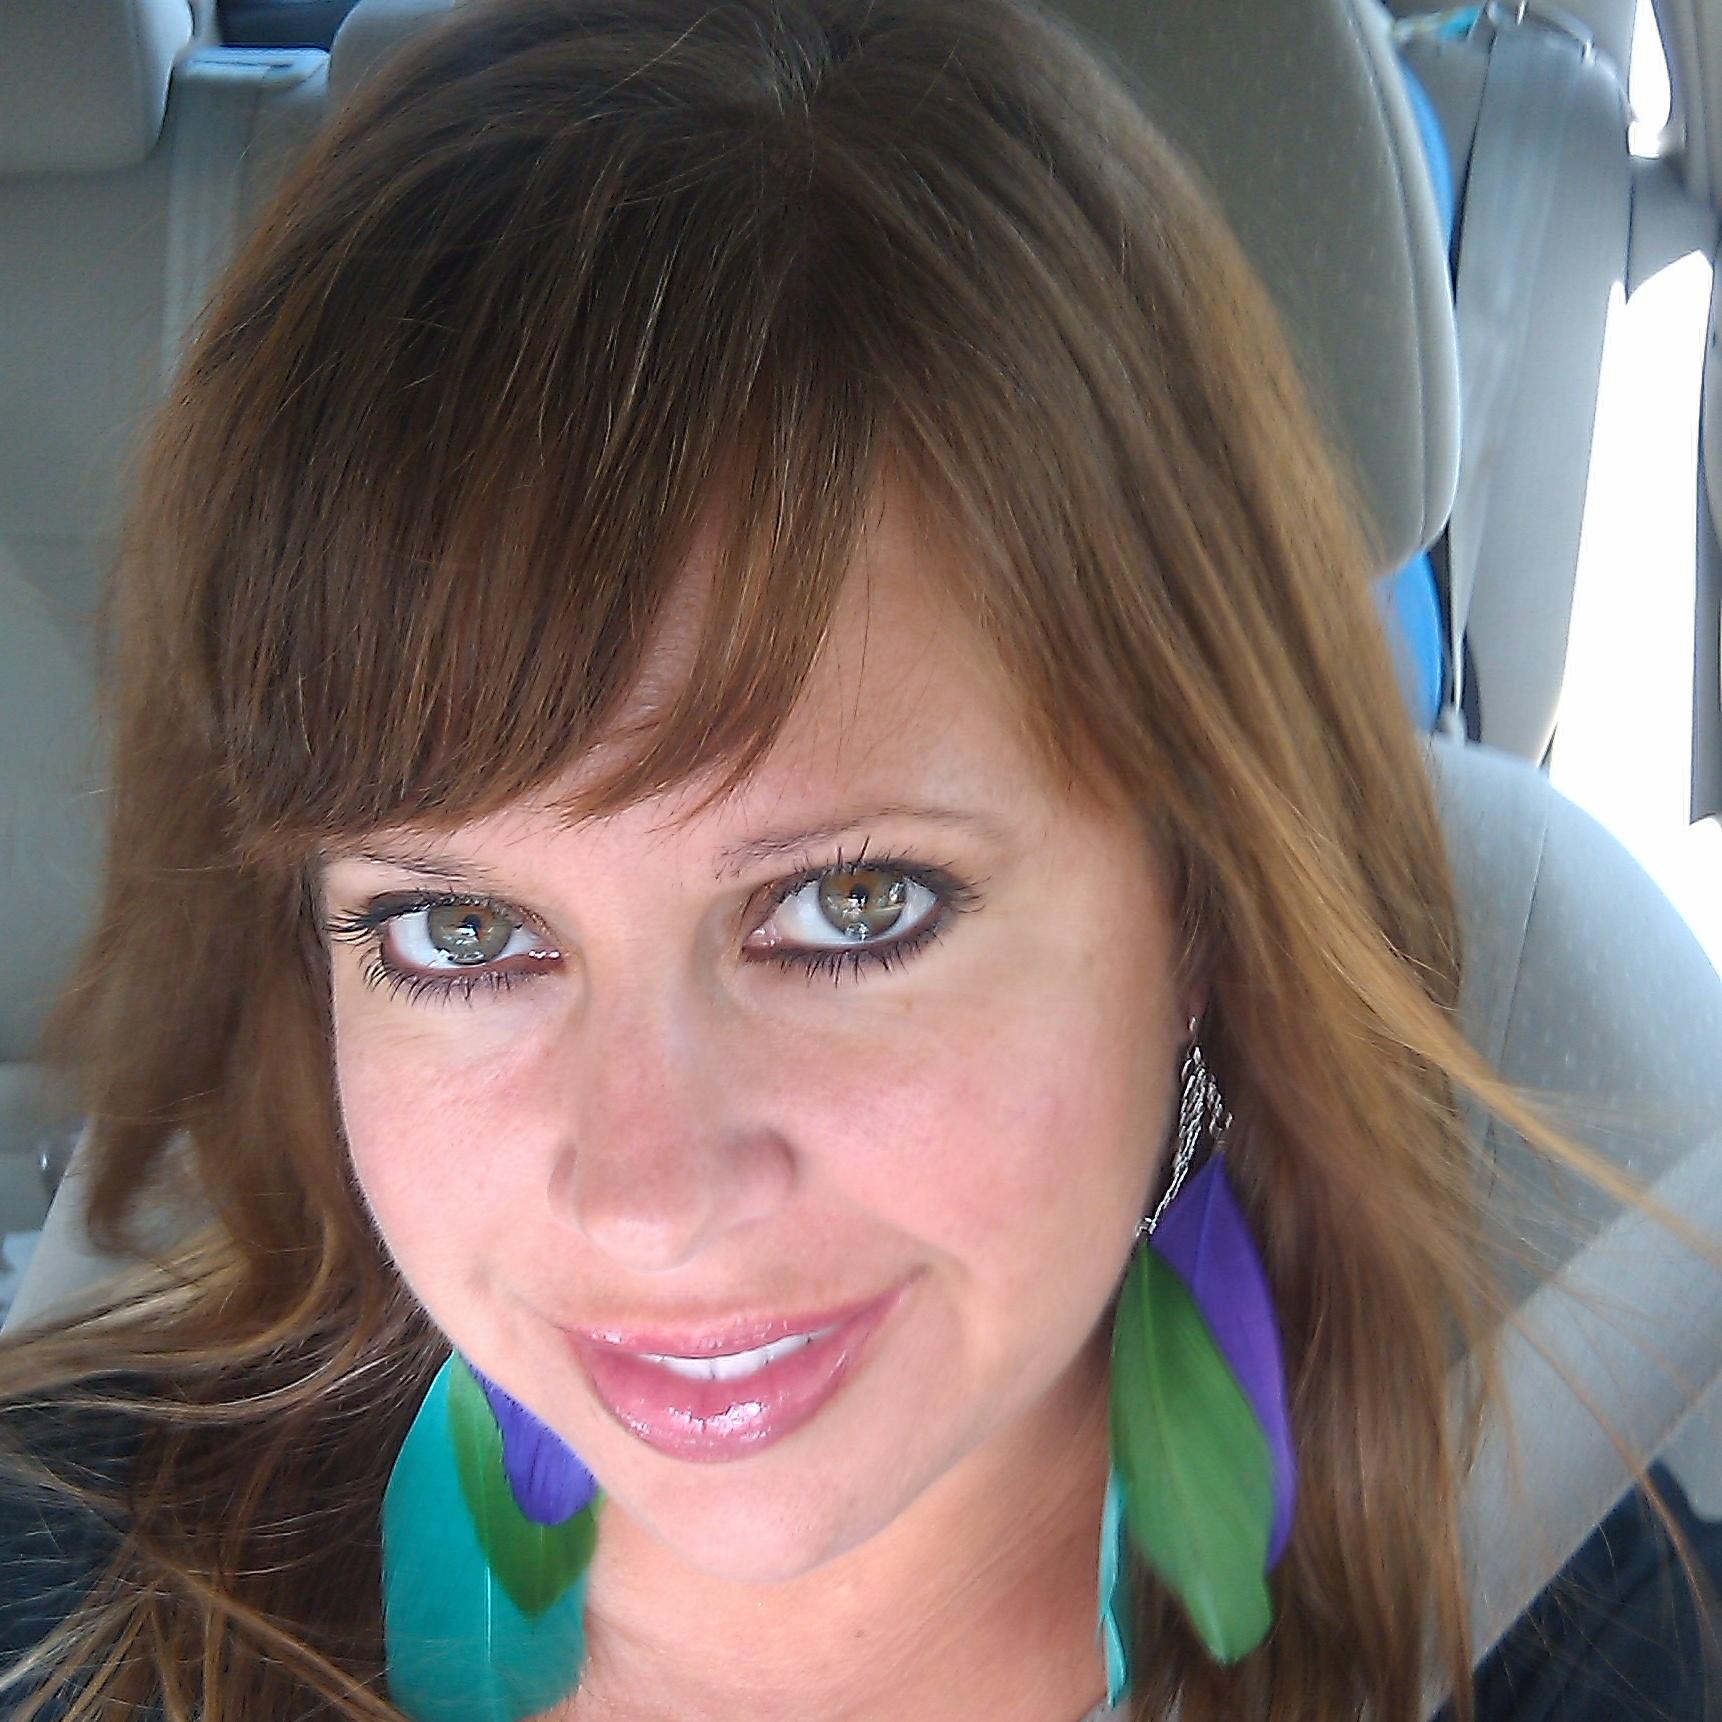 Paige Vymetal